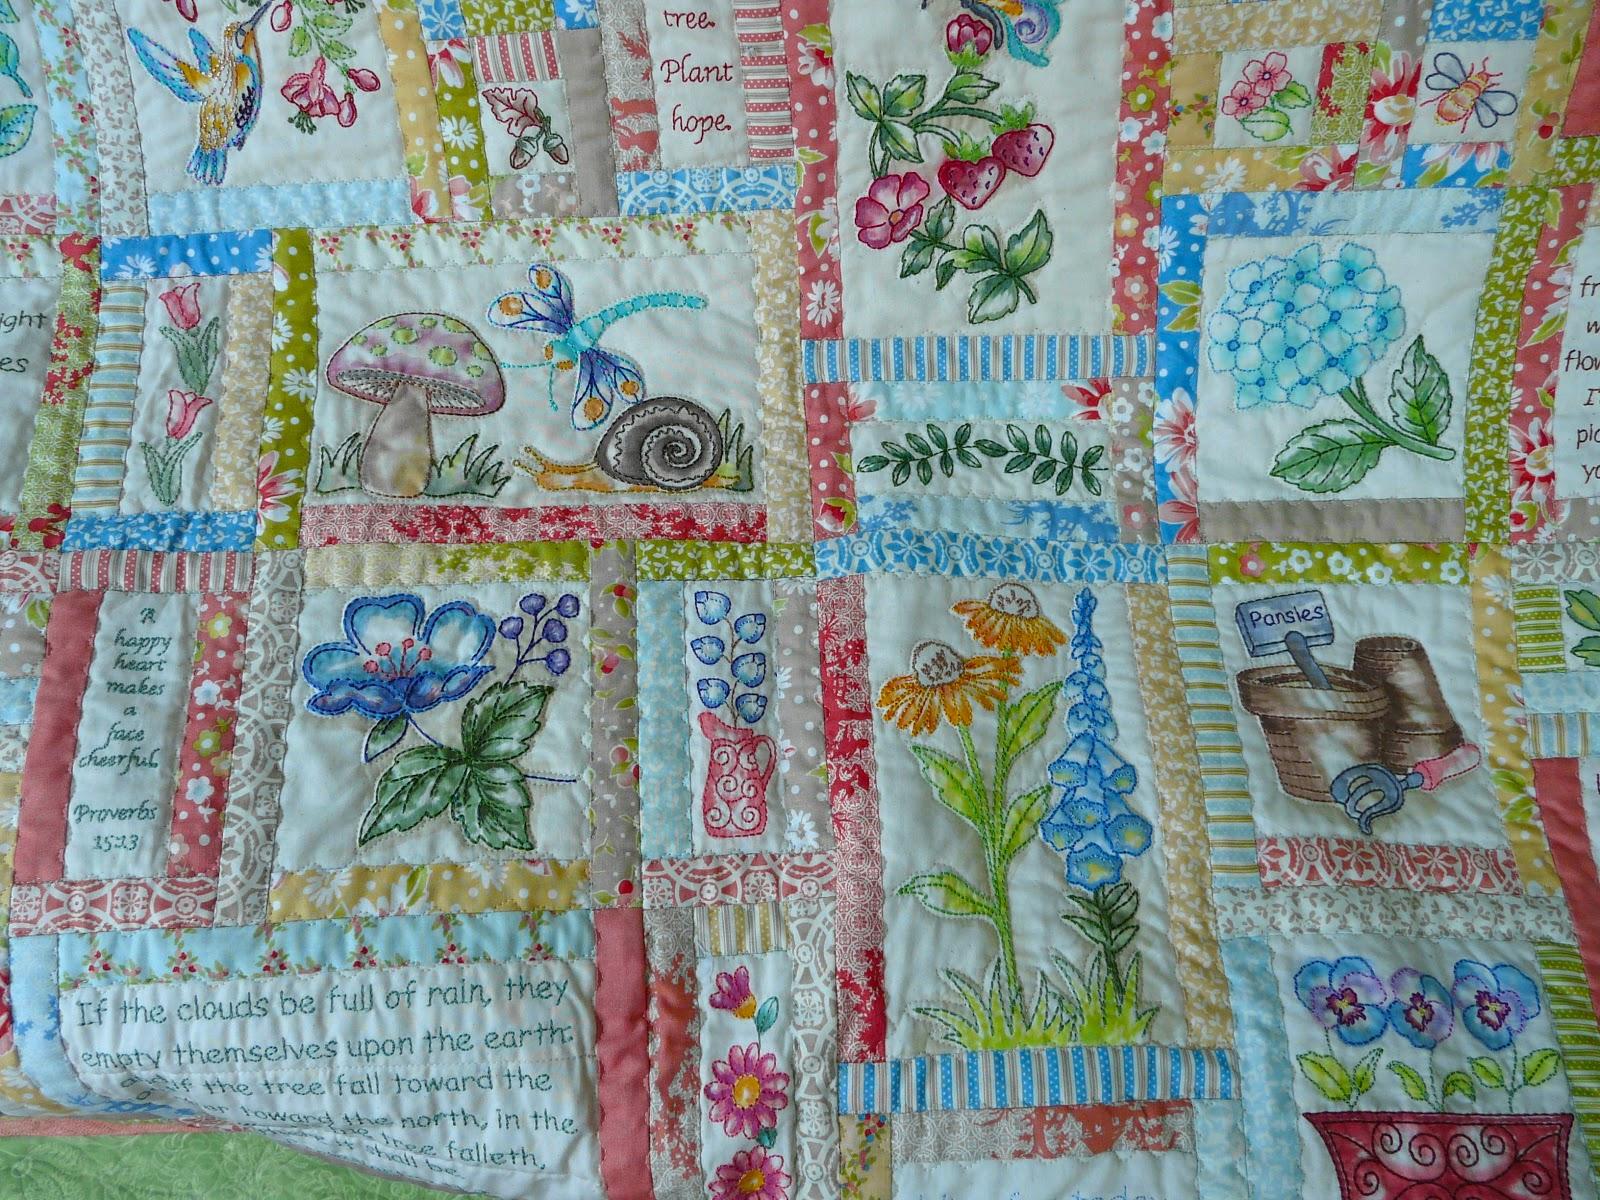 Quilt By Anita Goodesign Prayer Garden Gardening Flower And